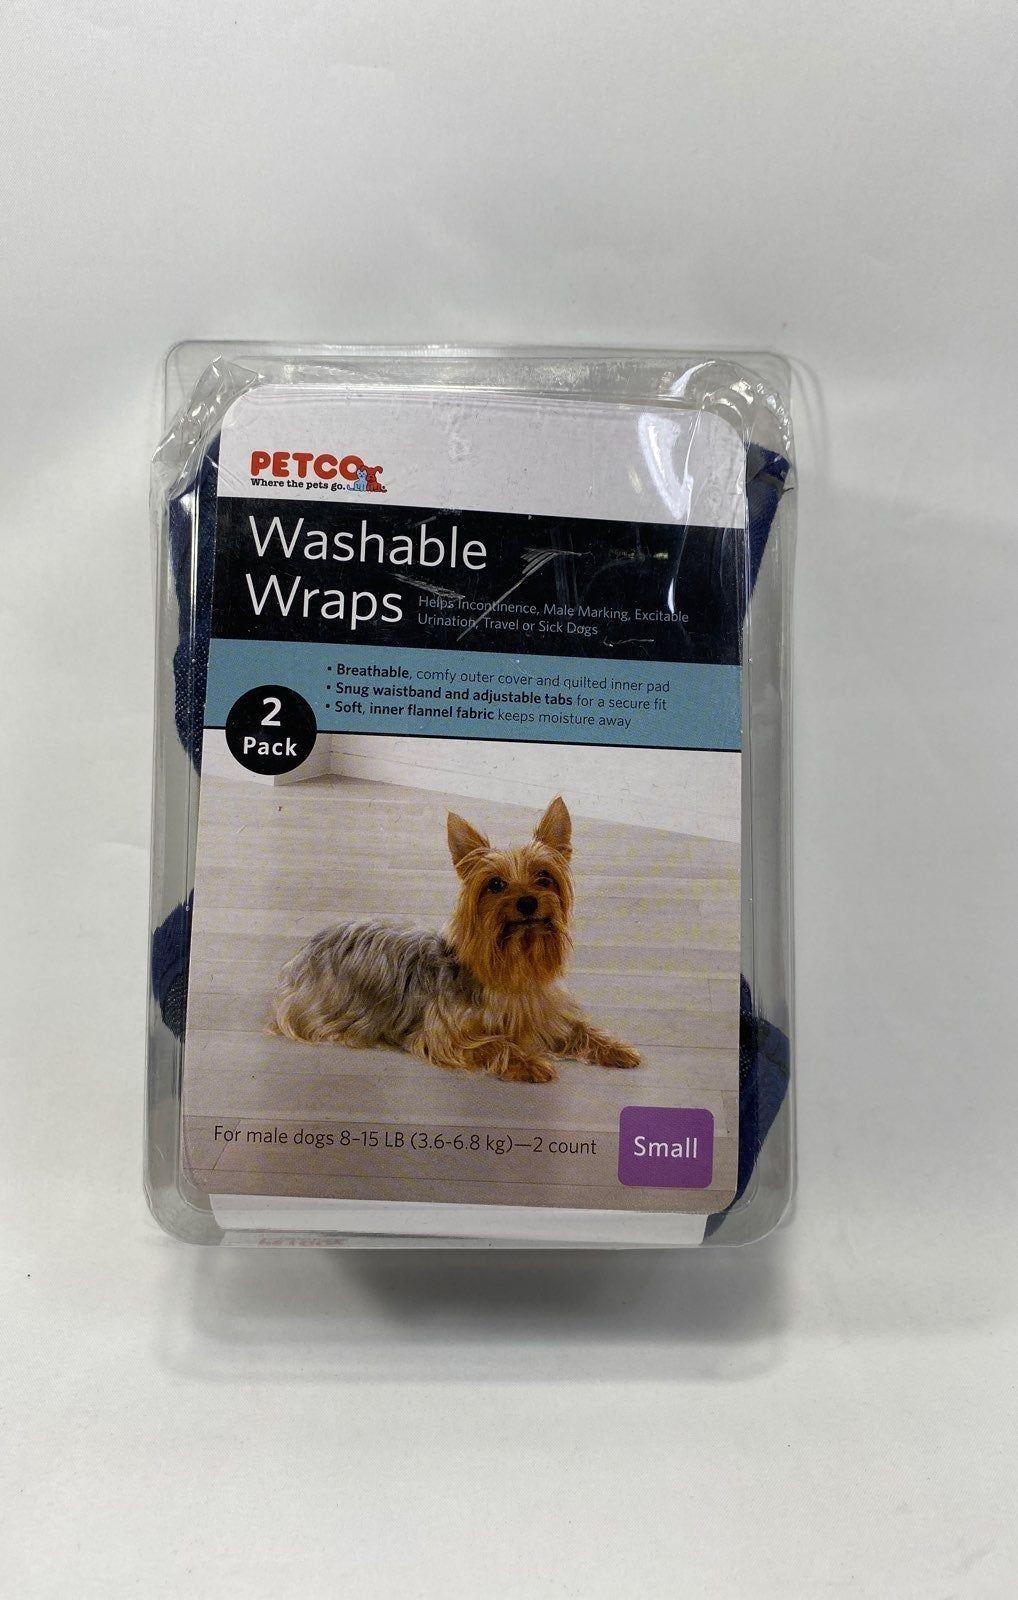 Petco Washable Wraps Male Dog Small Mercari In 2020 Small Dogs Petco Dogs